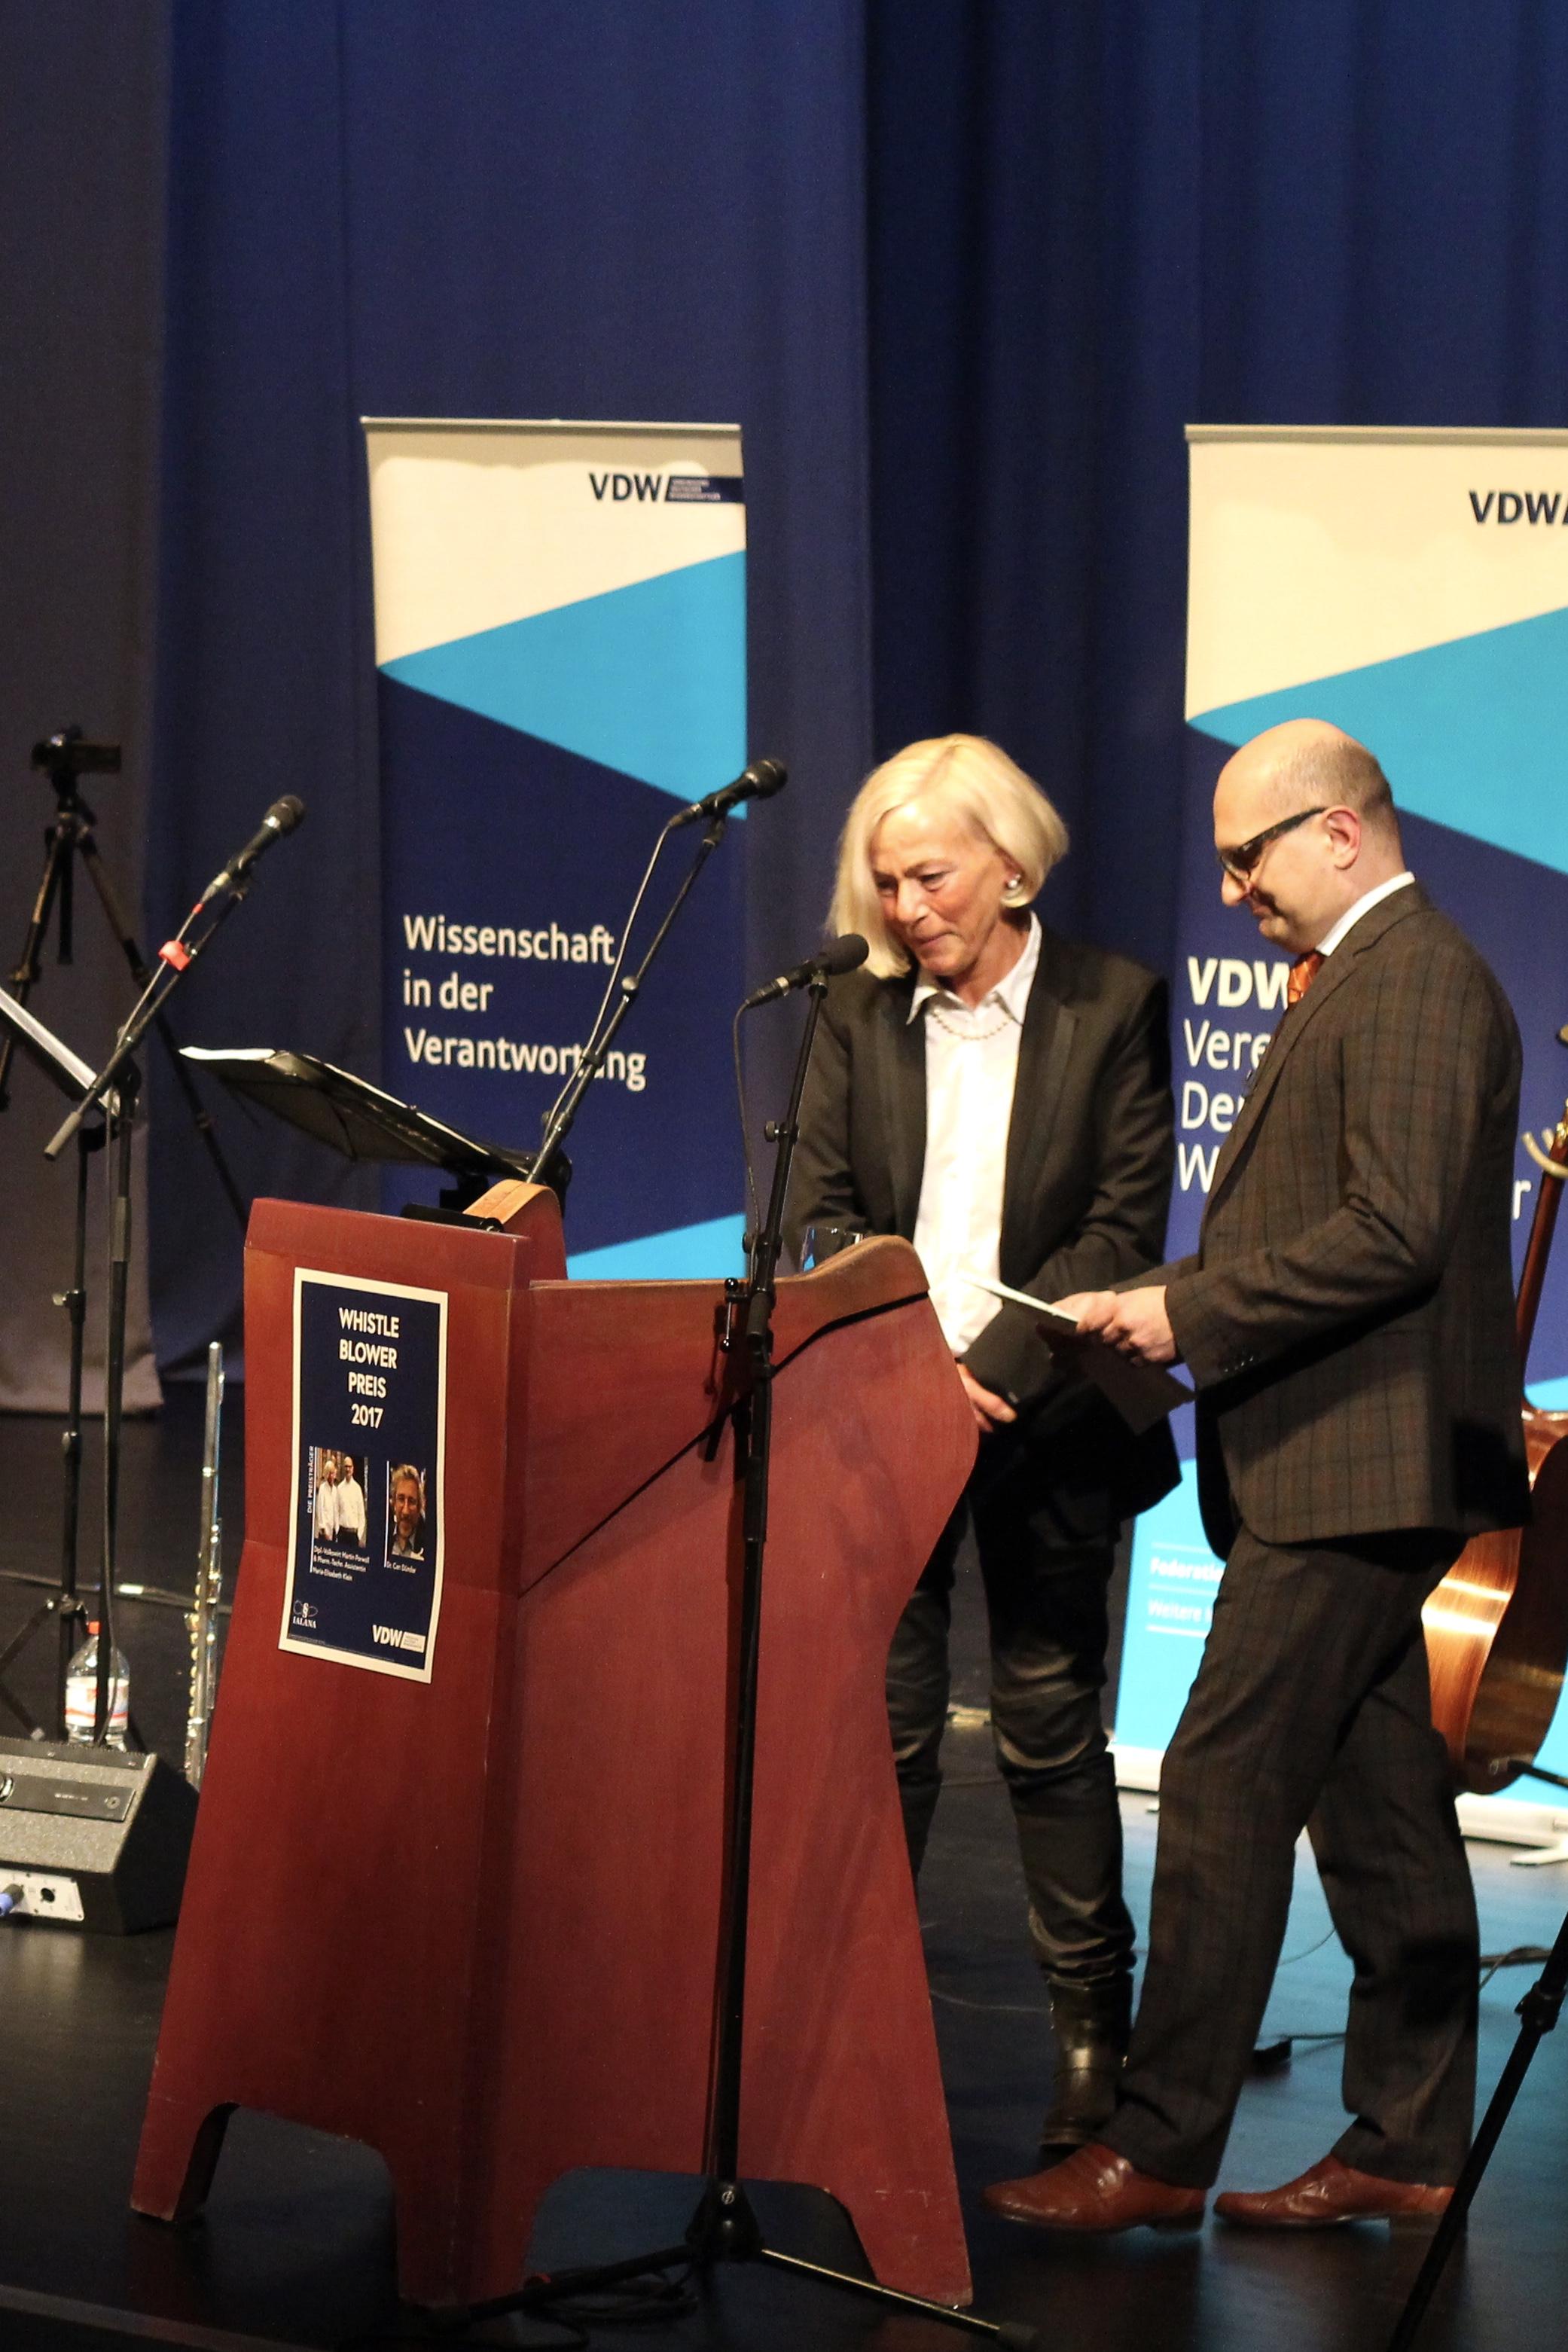 Maria-Elisabeth Klein und Martin Porwoll wird der Whistleblower Preis 2017 für ihre Arbeit überreicht.